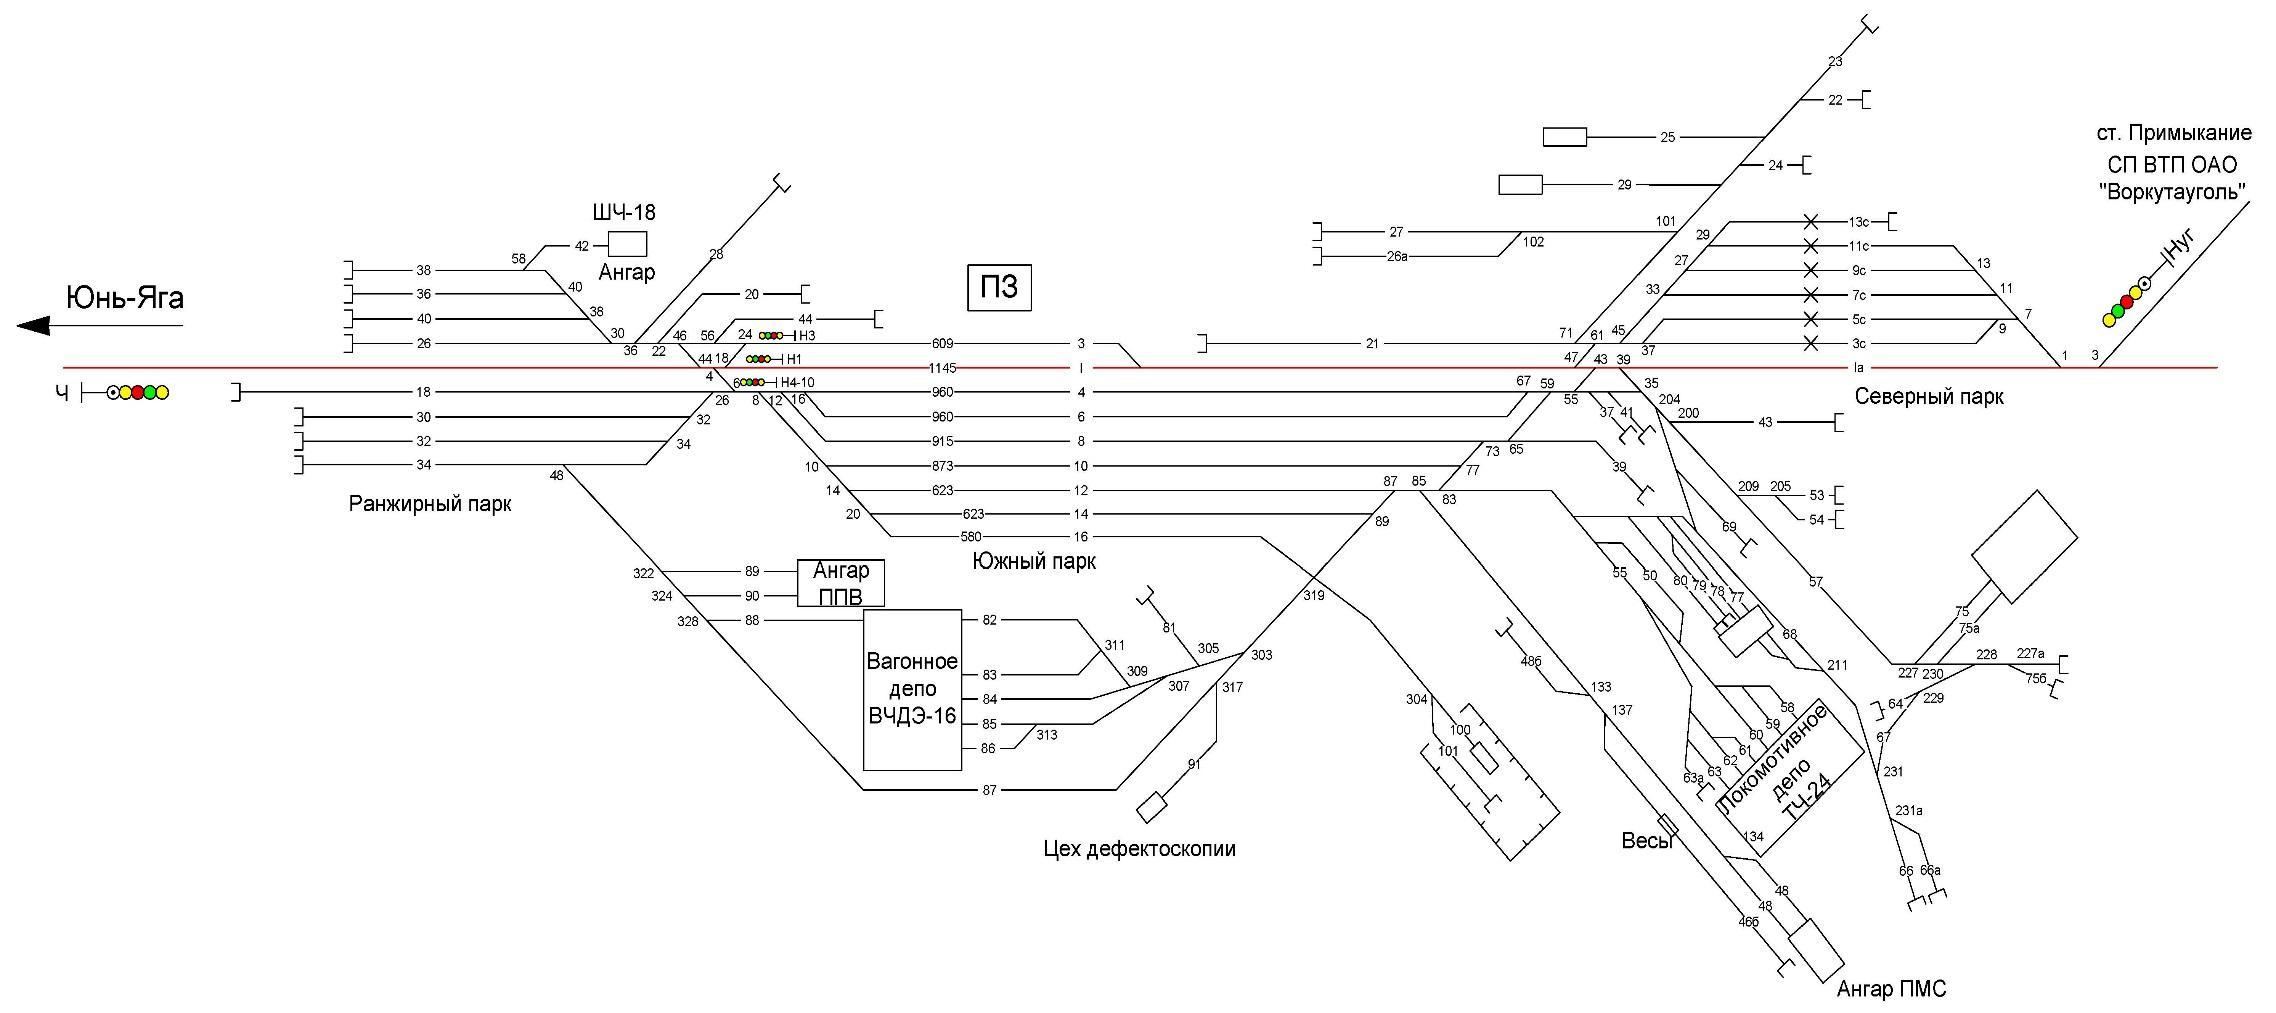 Железнодорожная станция путевая схема